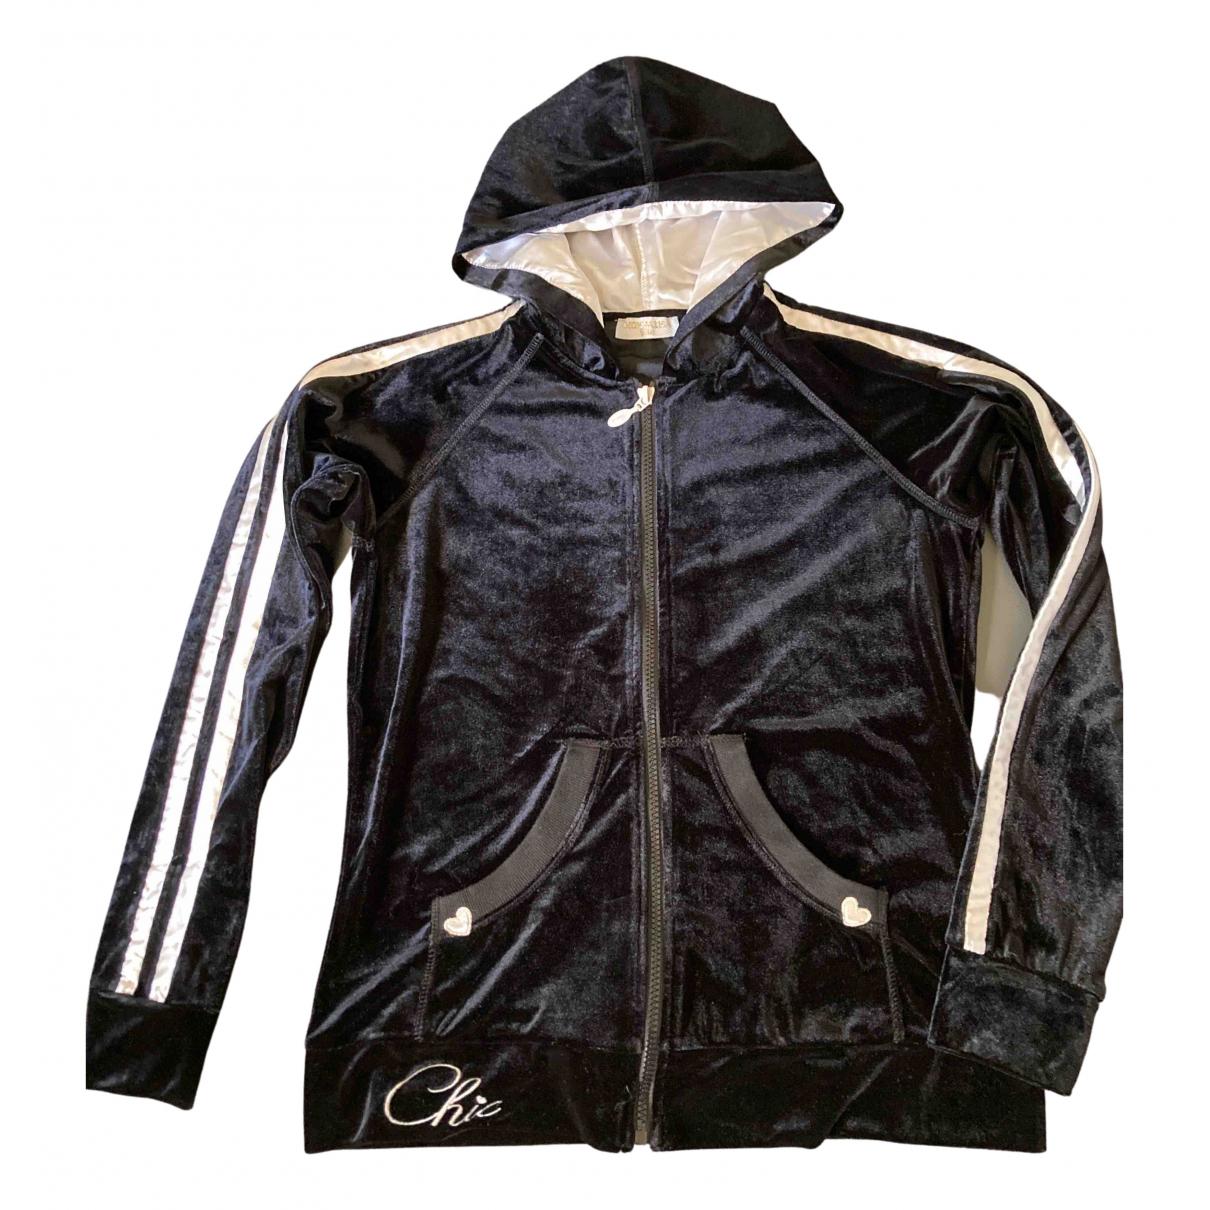 Monnalisa \N Black jacket & coat for Kids 14 years - S FR